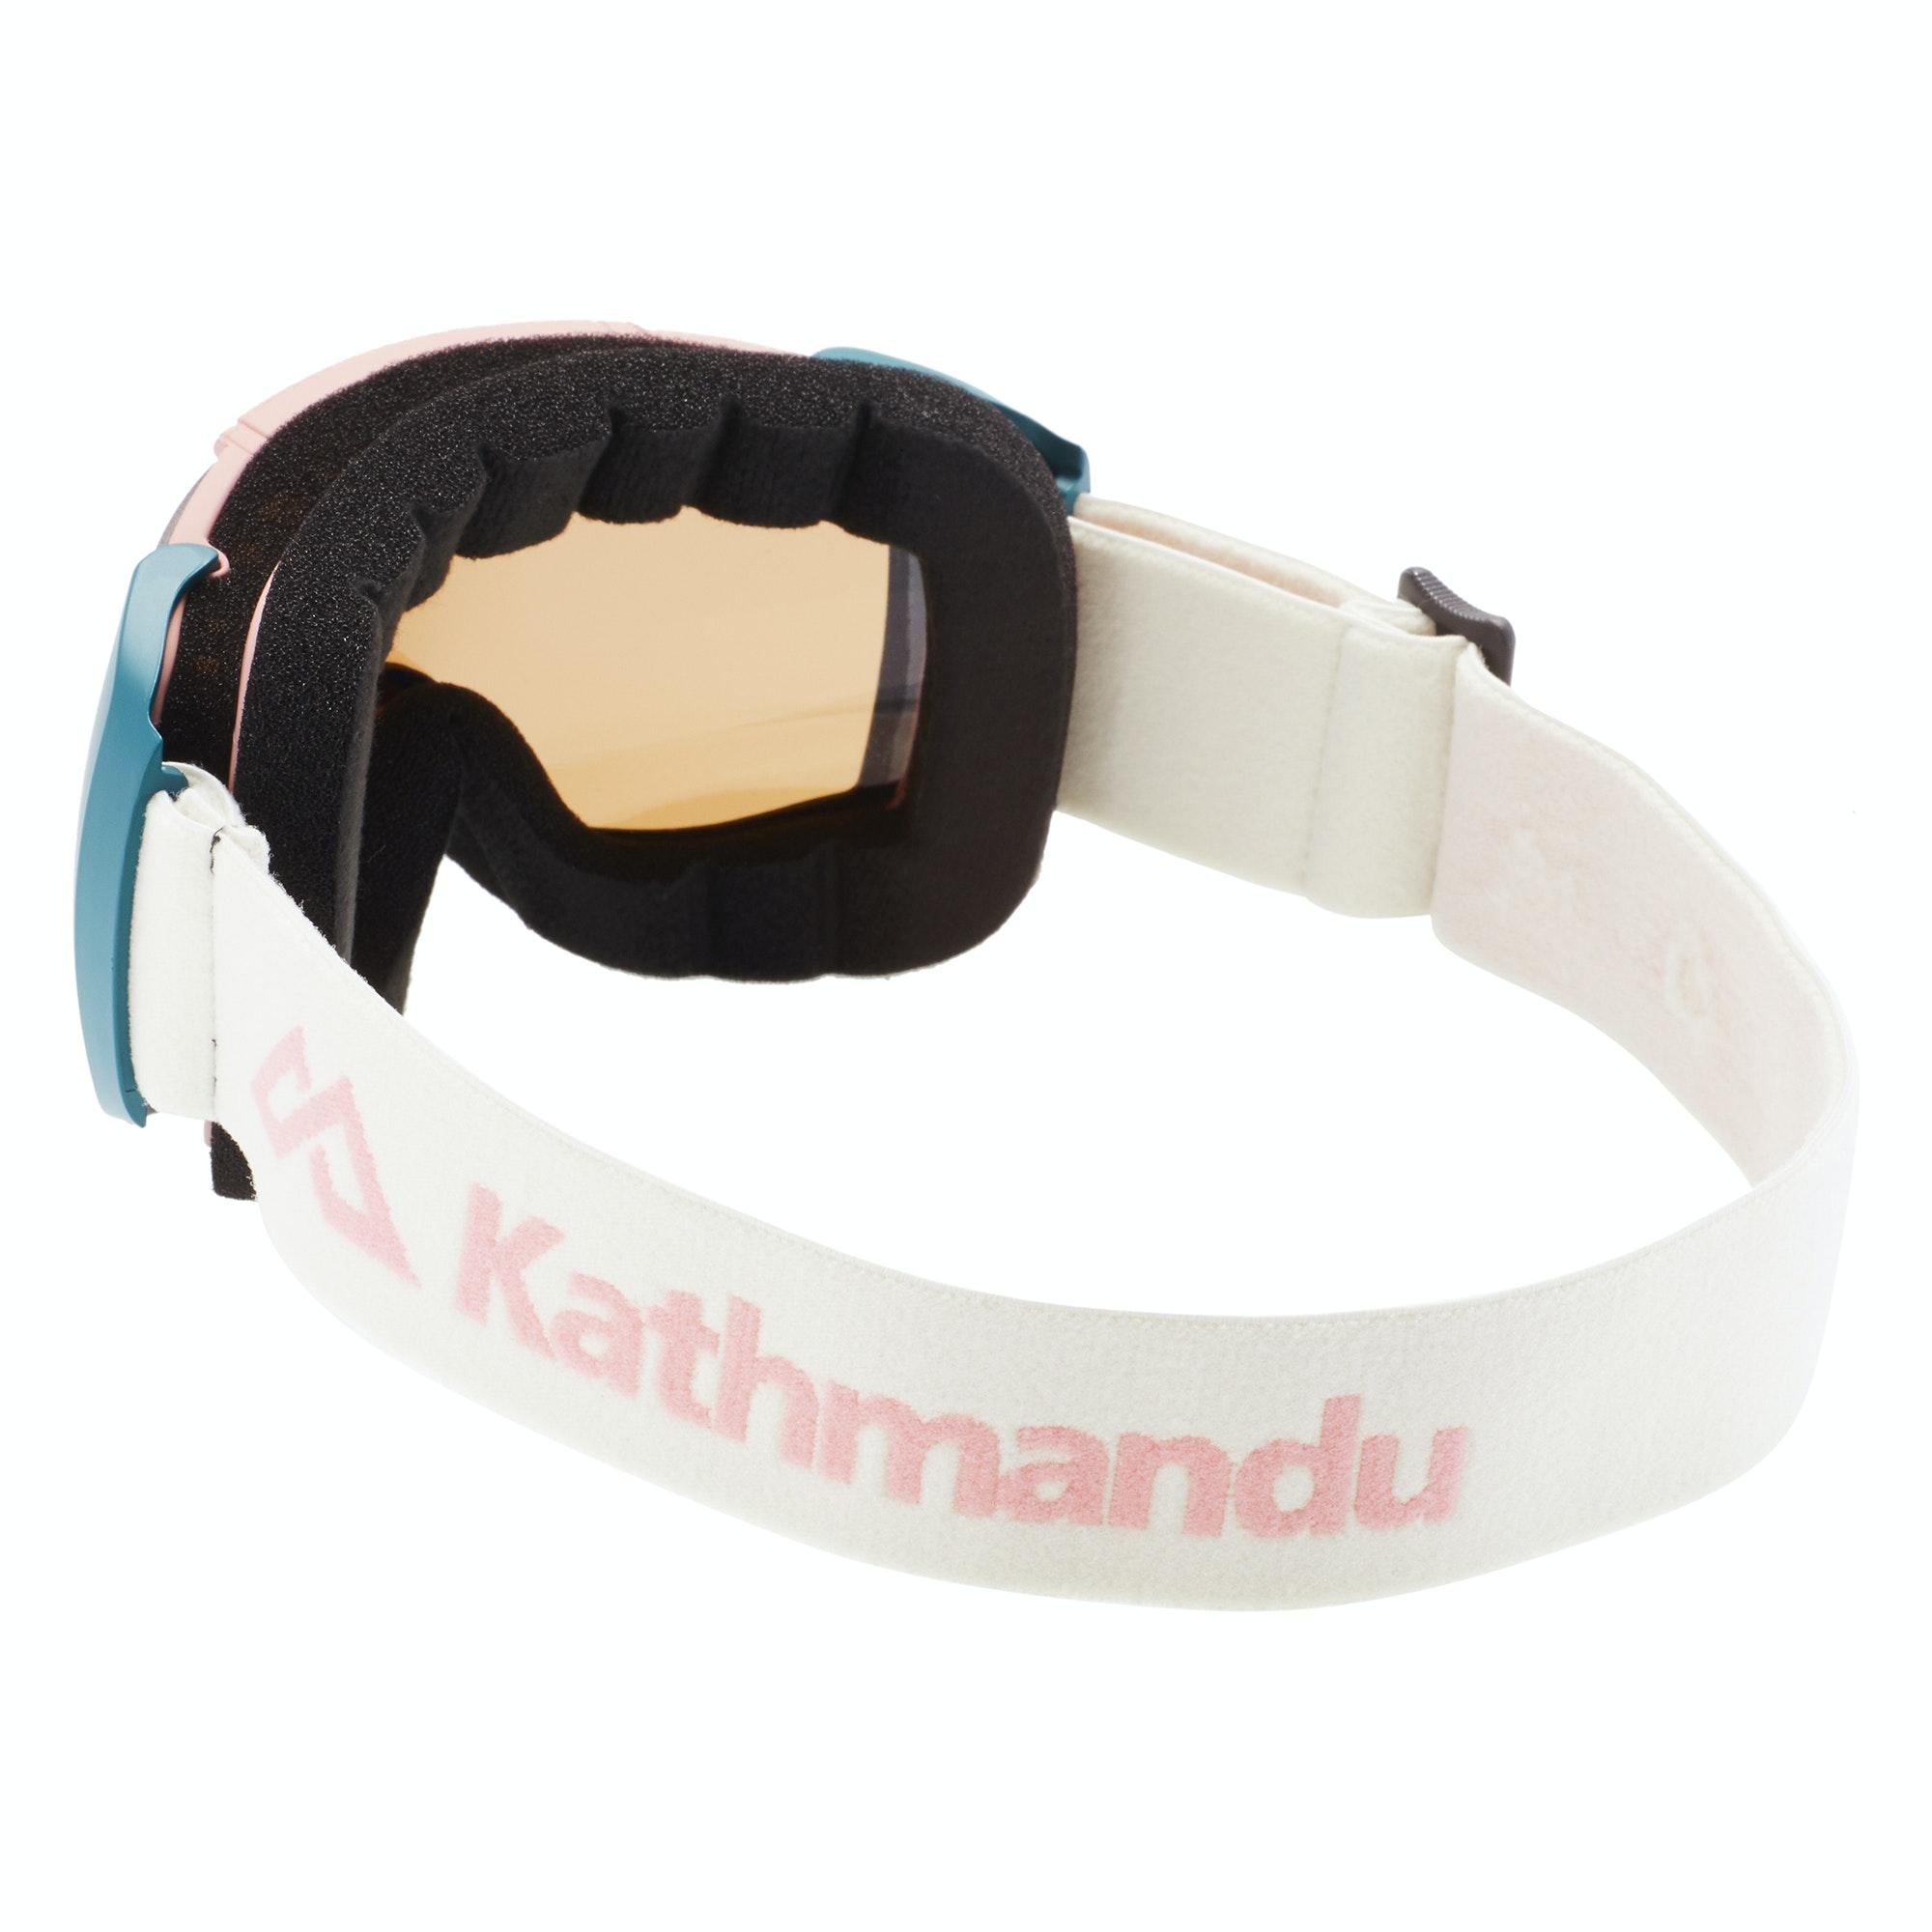 NEW-Kathmandu-Kids-039-Styper-Snow-Goggles thumbnail 21